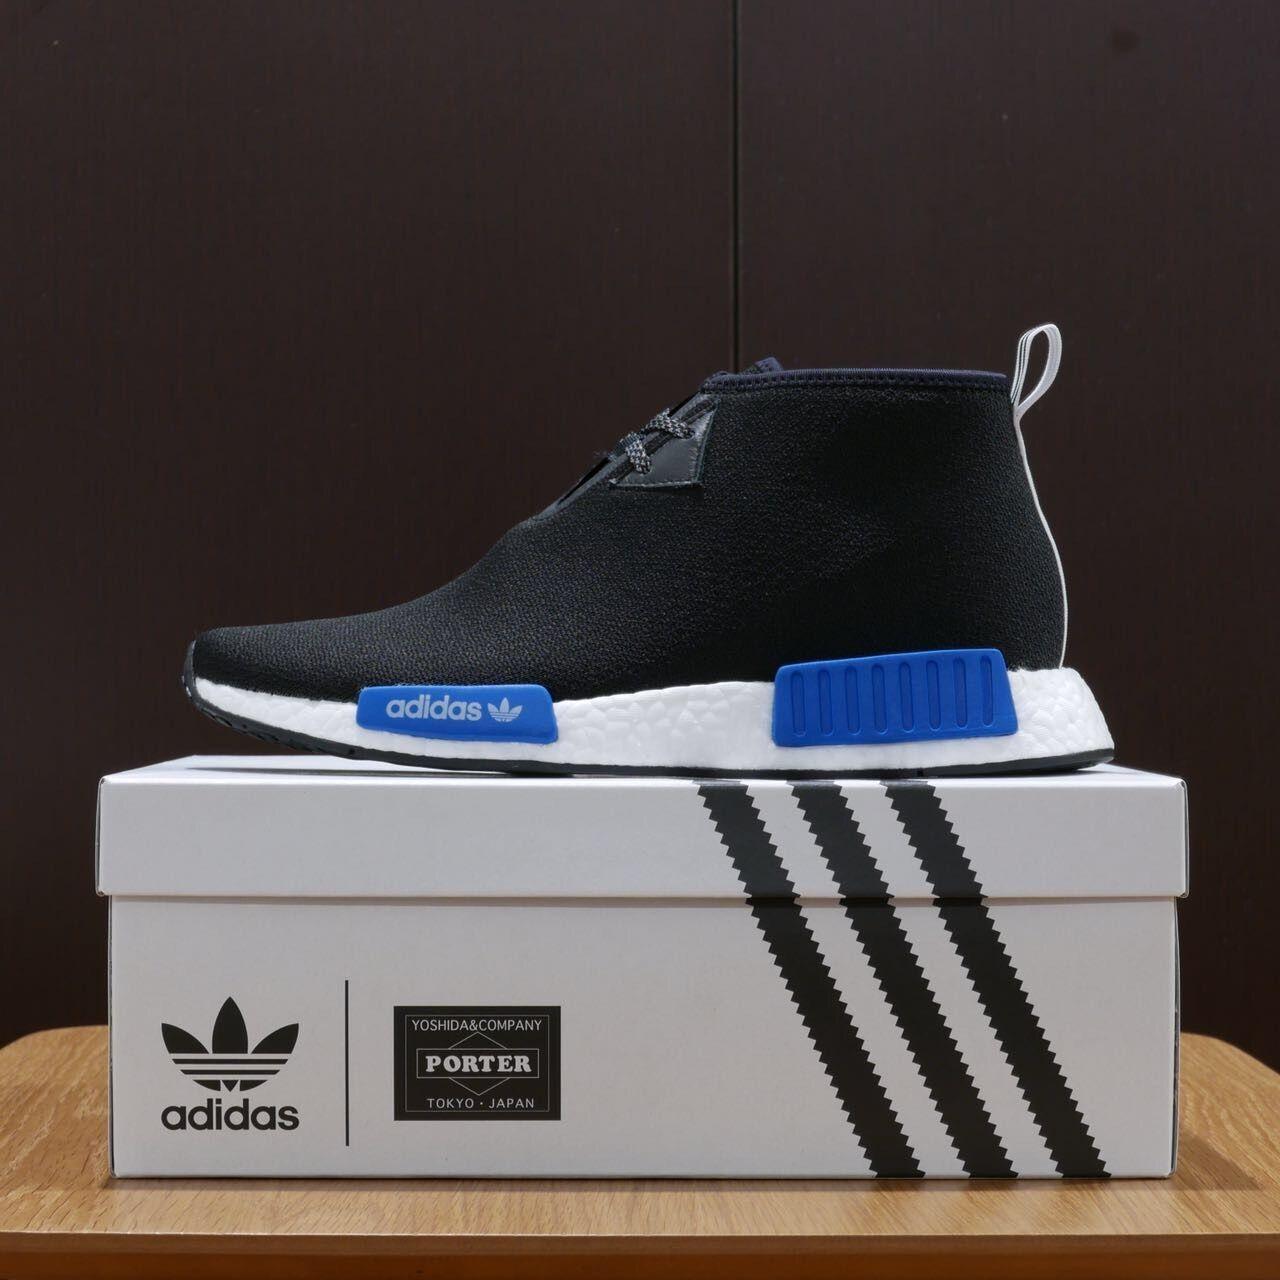 Adidas - nmd c1 x porter - Adidas chukka og, cp9718 us8.5 764e50